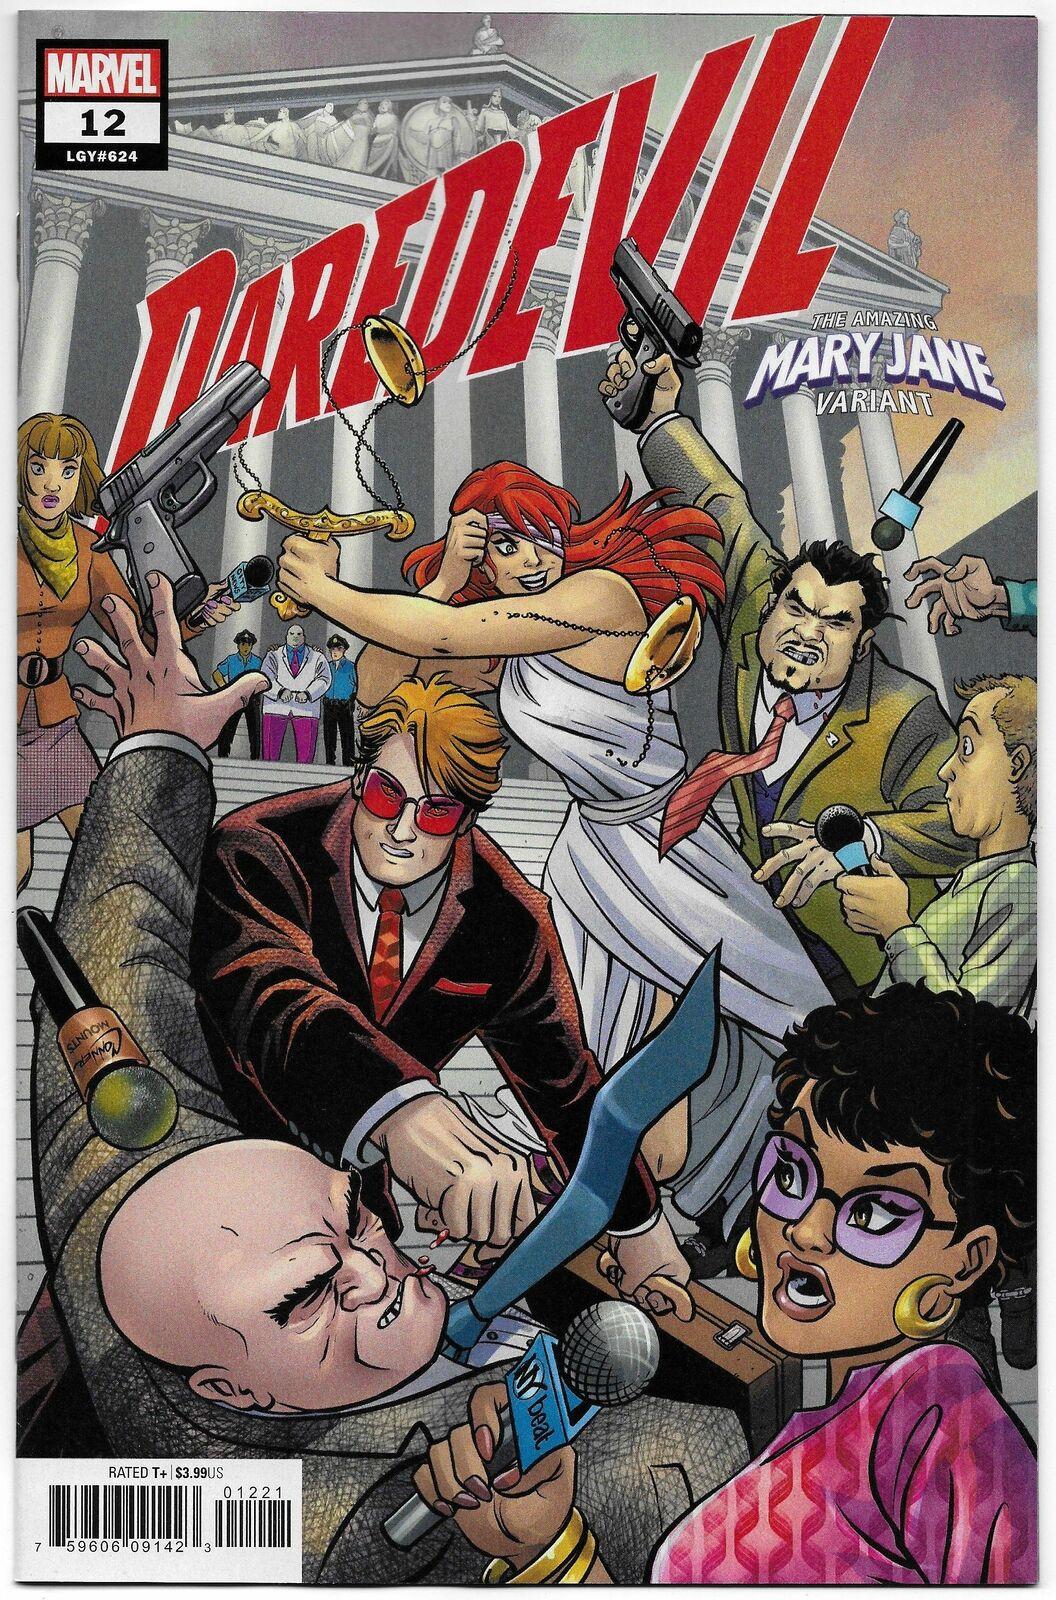 NM Marvel, 2019 Daredevil #11